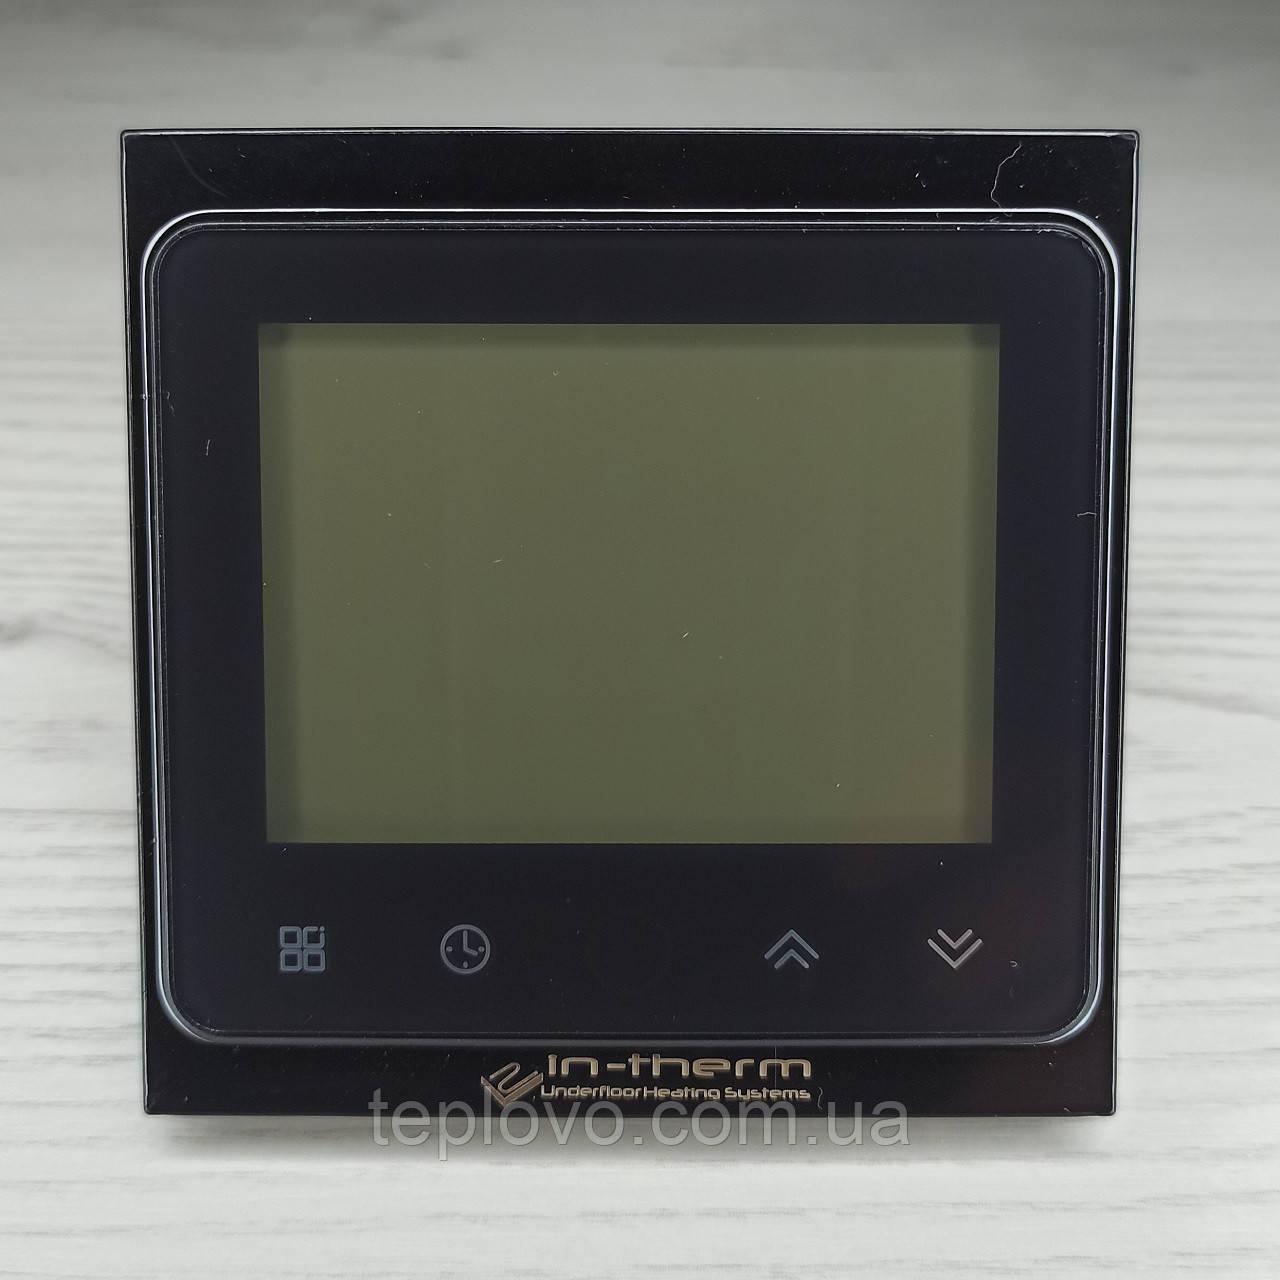 Терморегулятор программируемый IN-THERM PWT 002 Wi-Fi Black, программатор для теплого пола